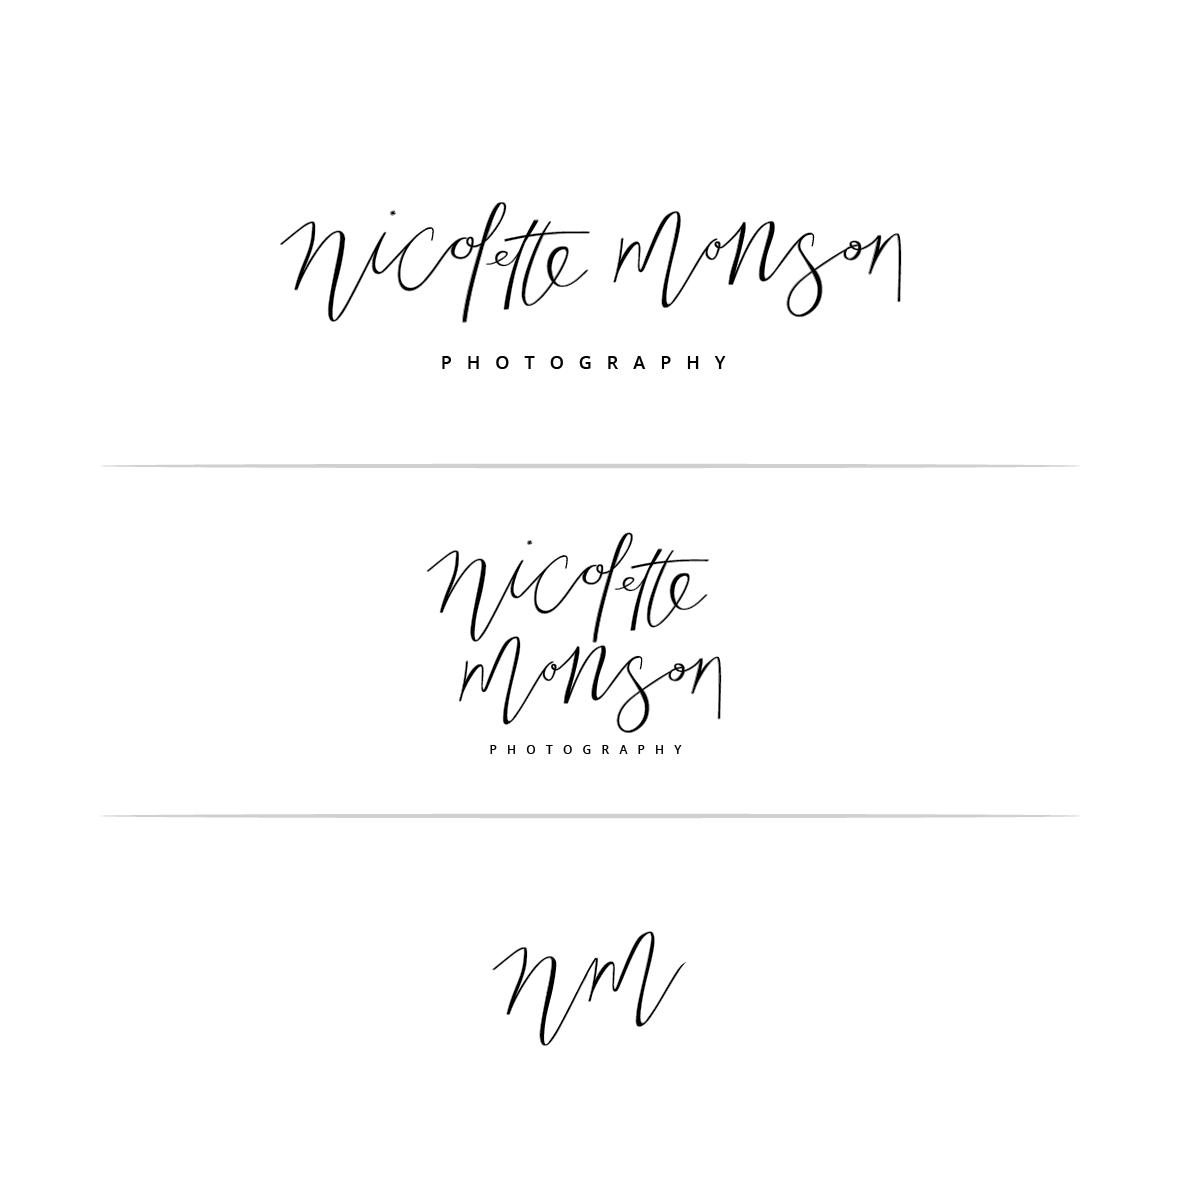 Design calligraphy inspired logo for Nicolette Monson Photography